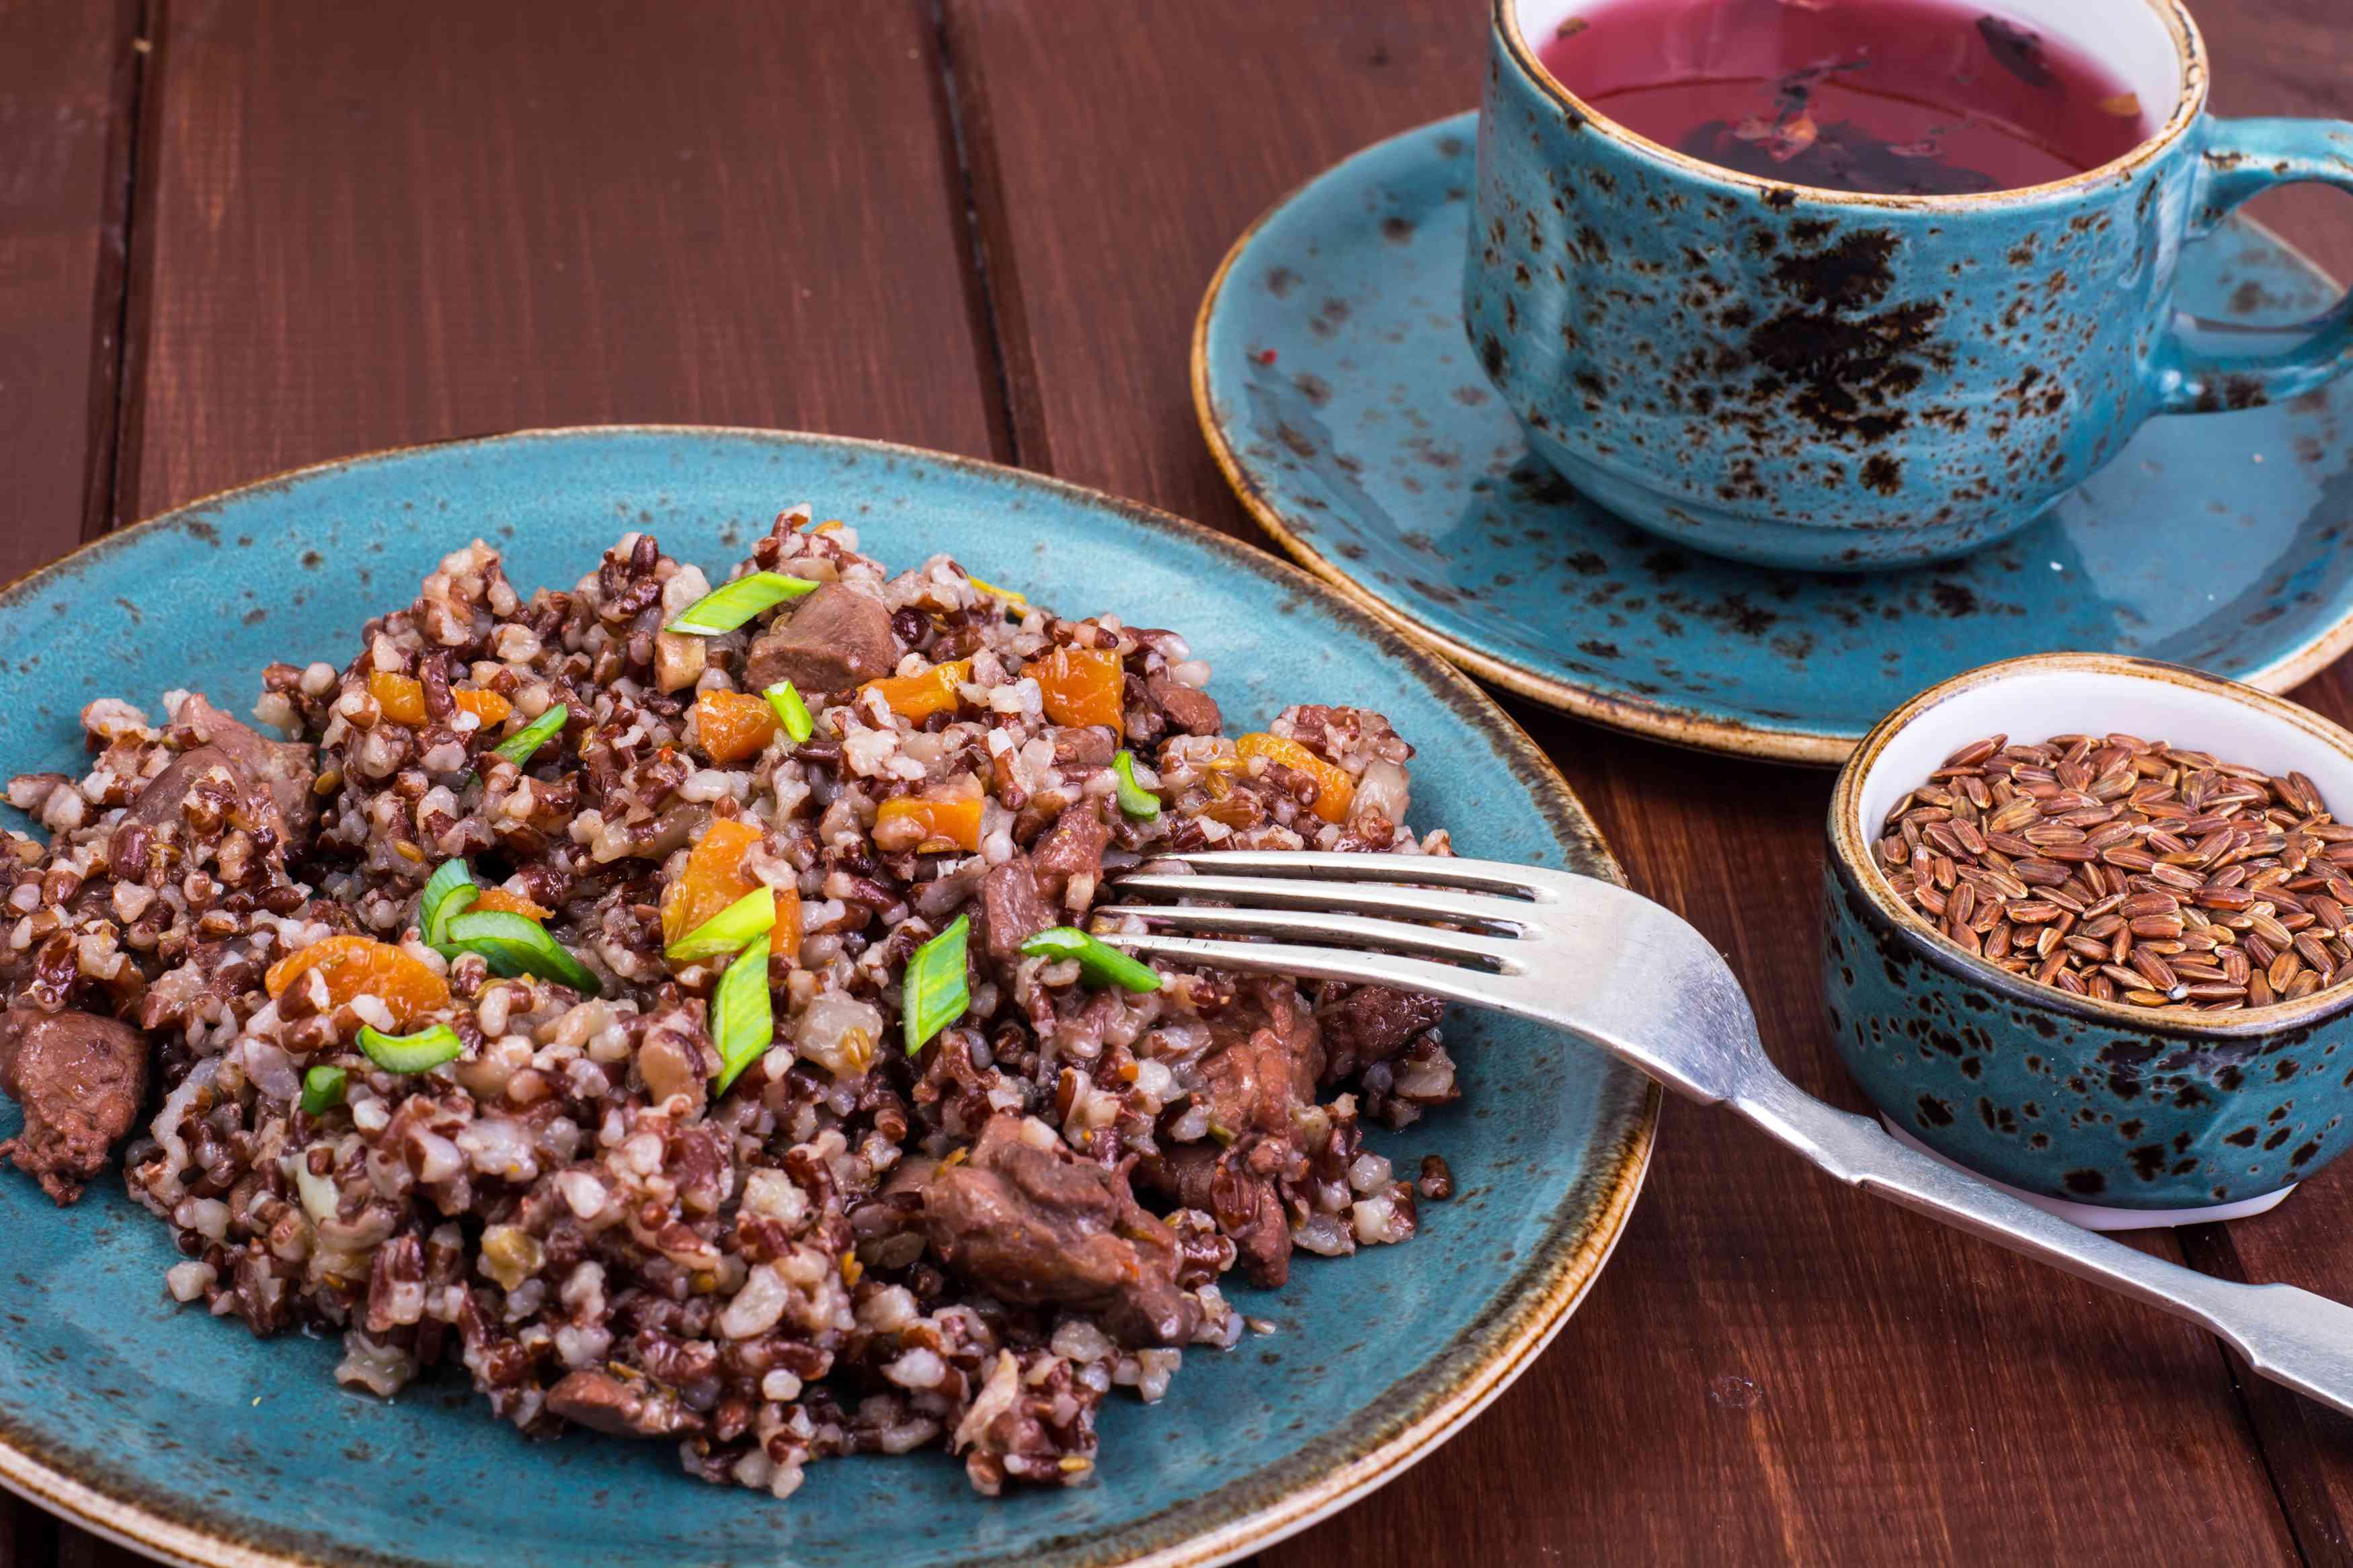 Garnish of red rice, garlic, vegetables, chicken meat